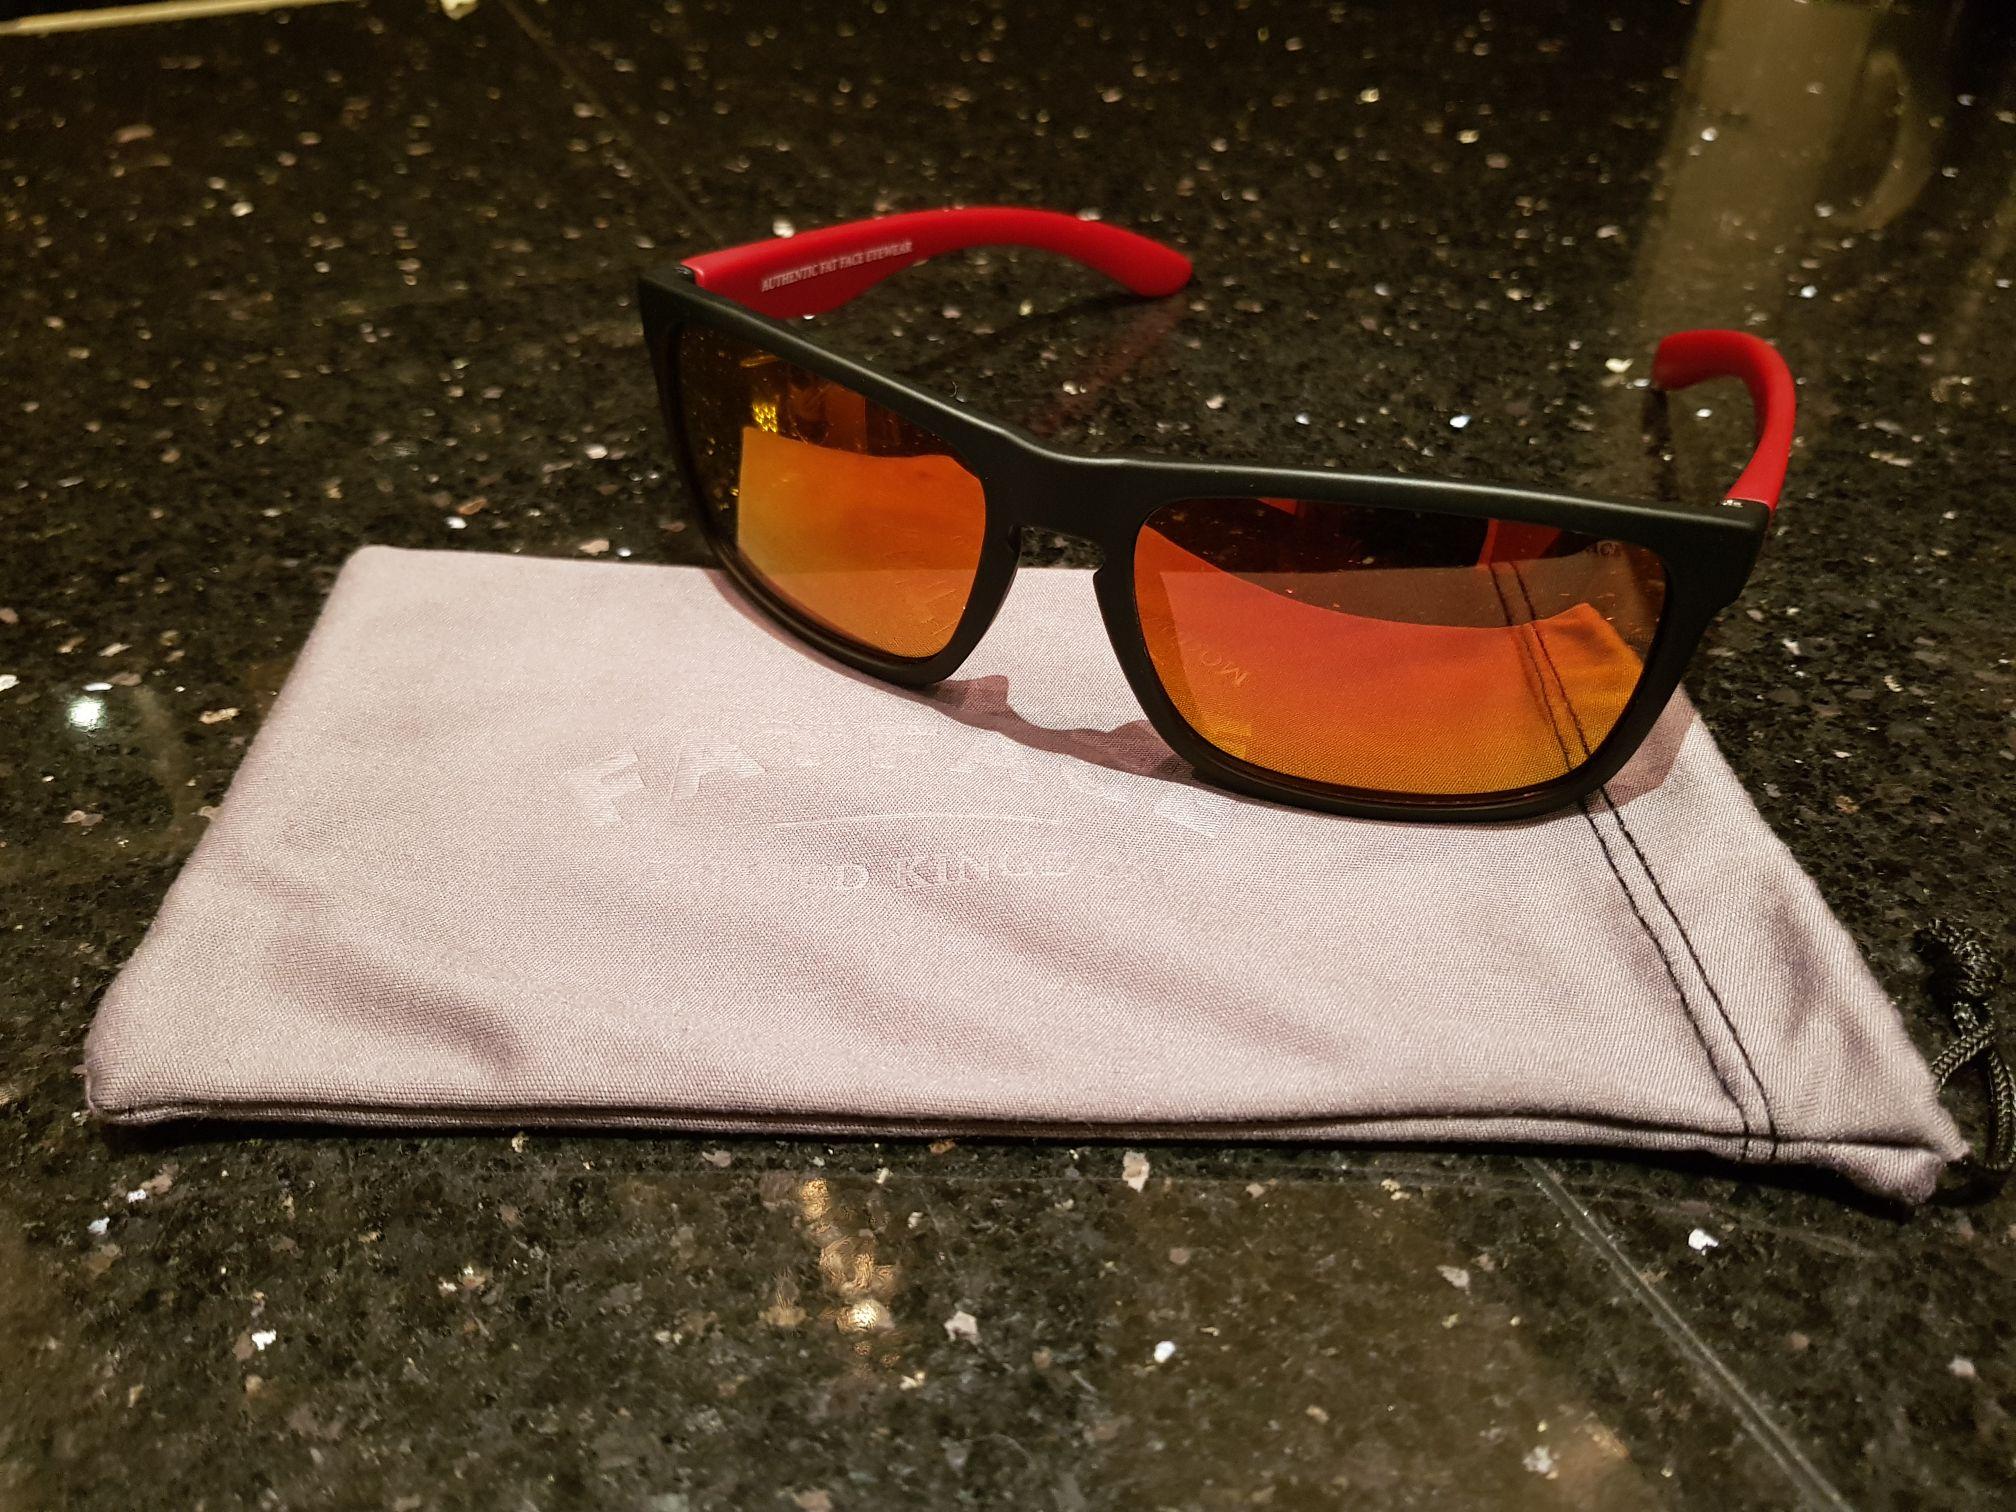 Fatface Mirrored Sunglasses £9 instore